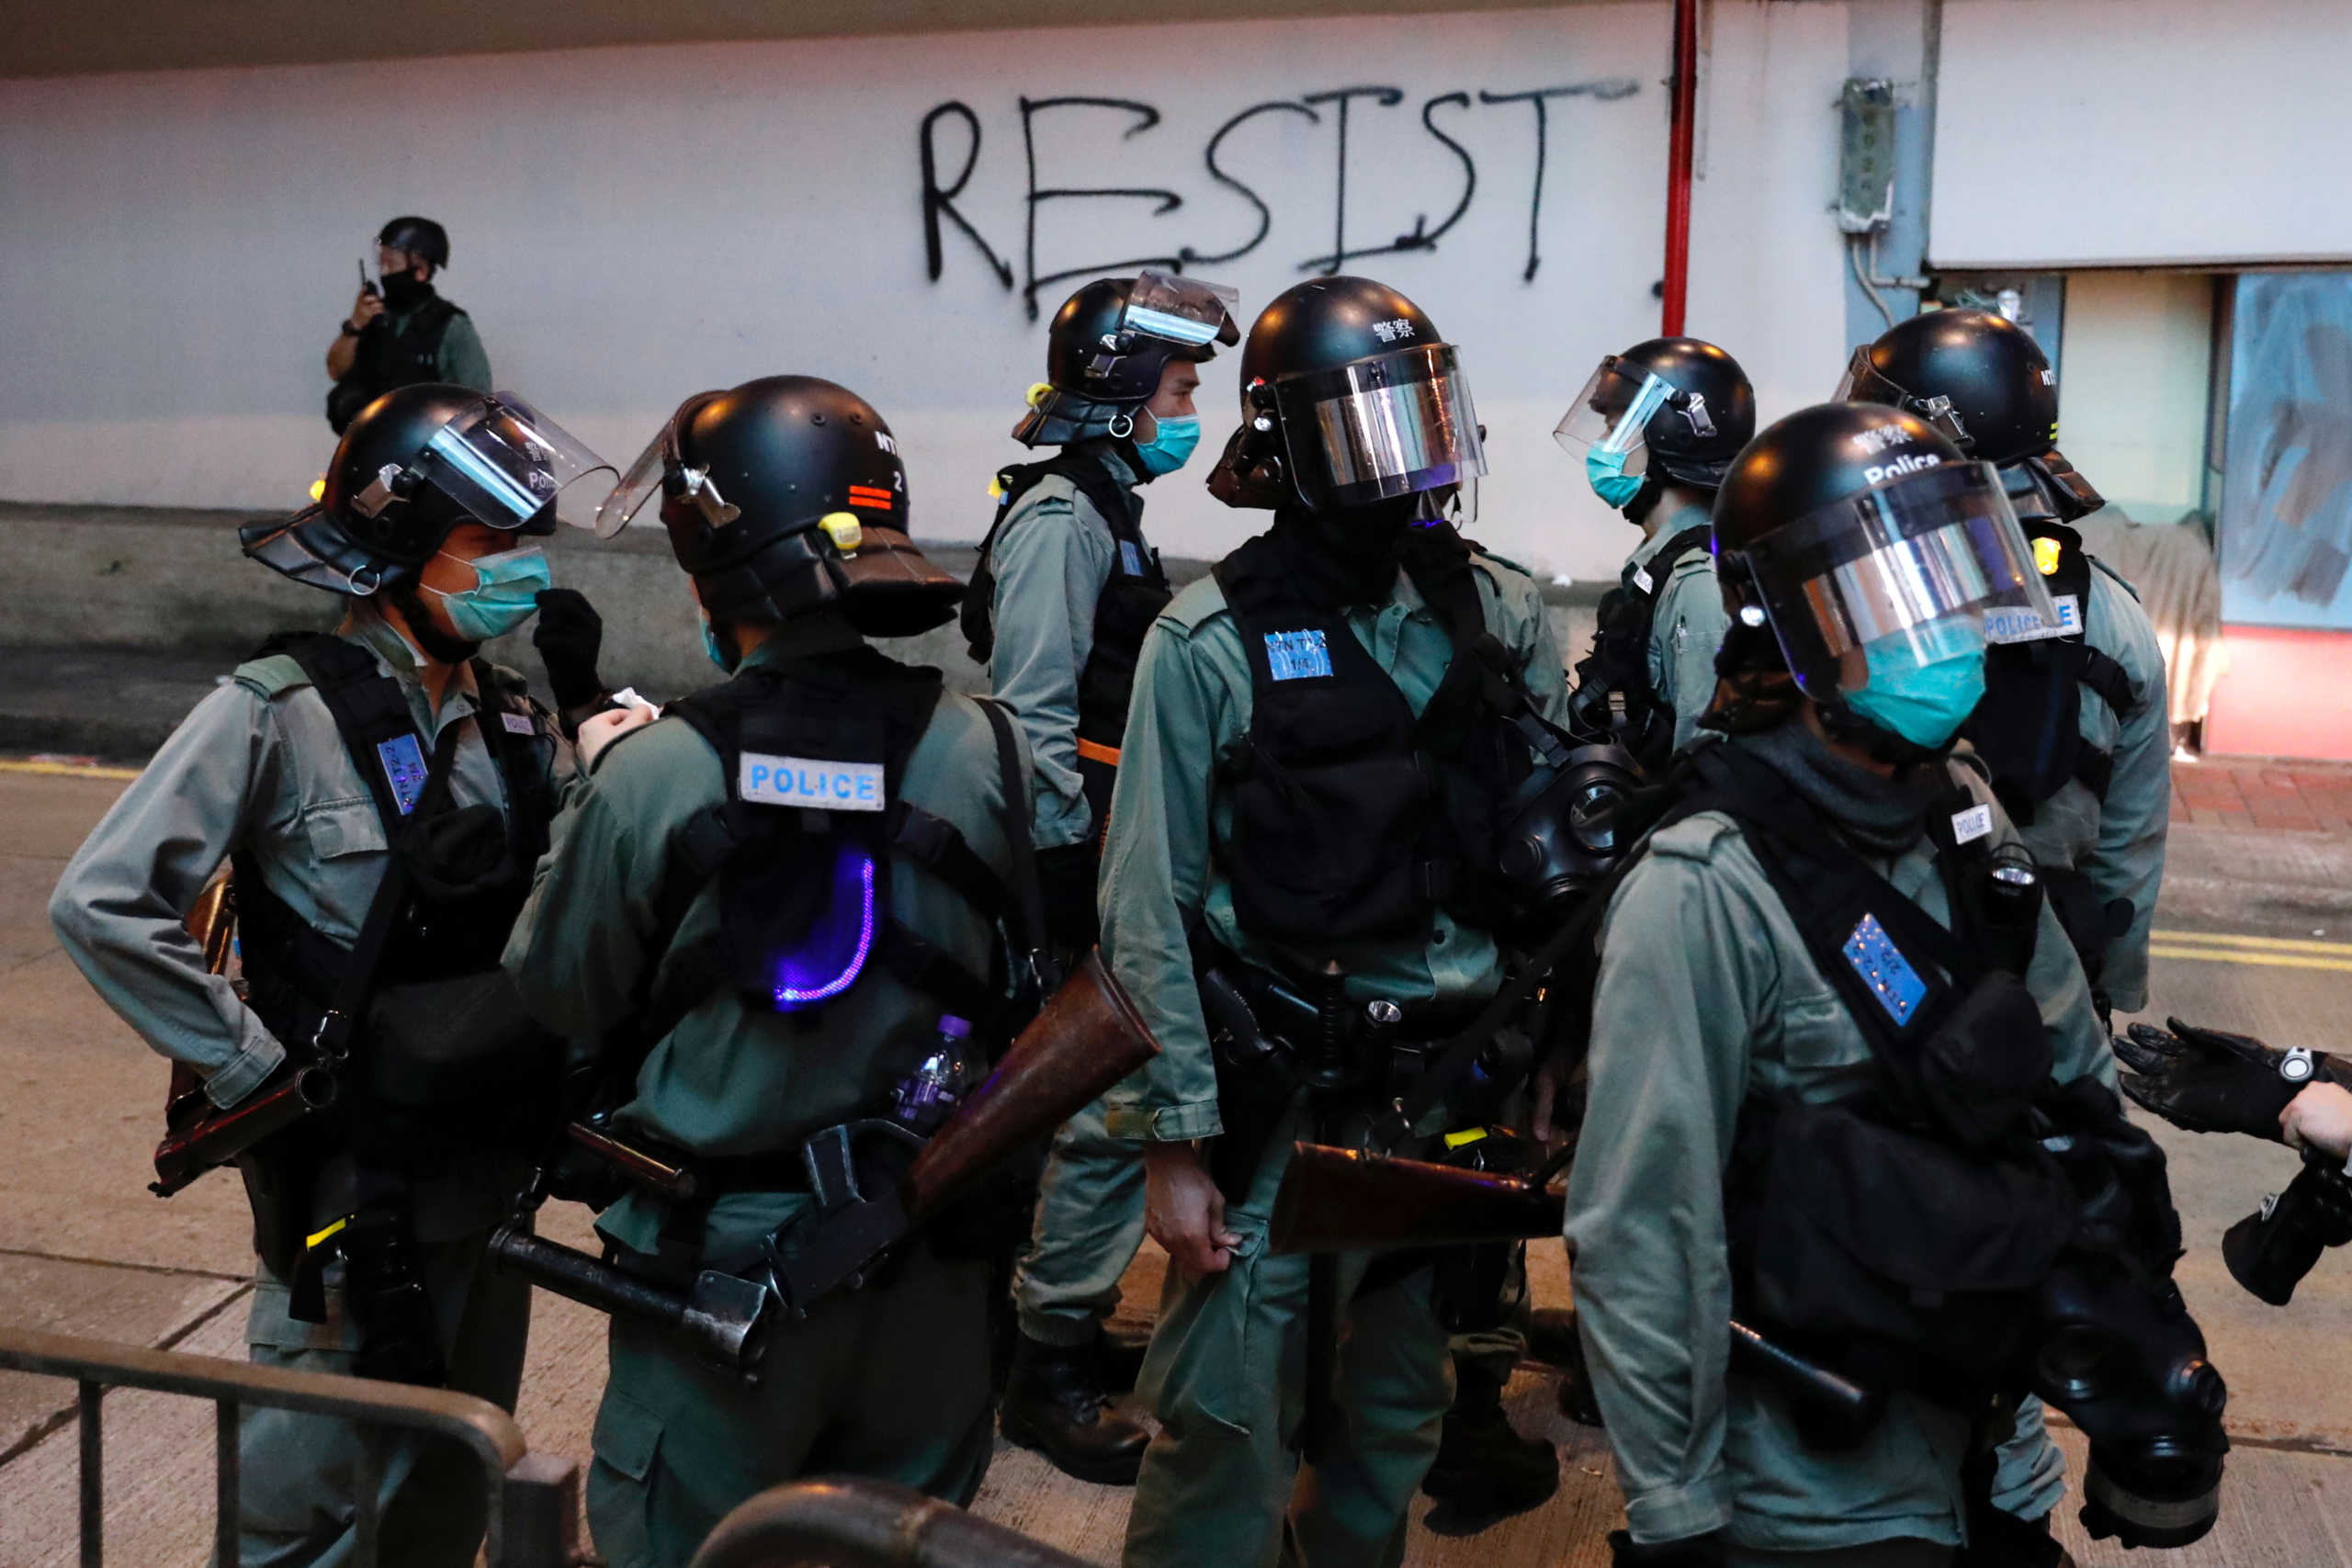 Κίνα: Μακελειό από επίθεση με μαχαίρι σε σούπερ μάρκετ – Τρεις νεκροί, επτά τραυματίες